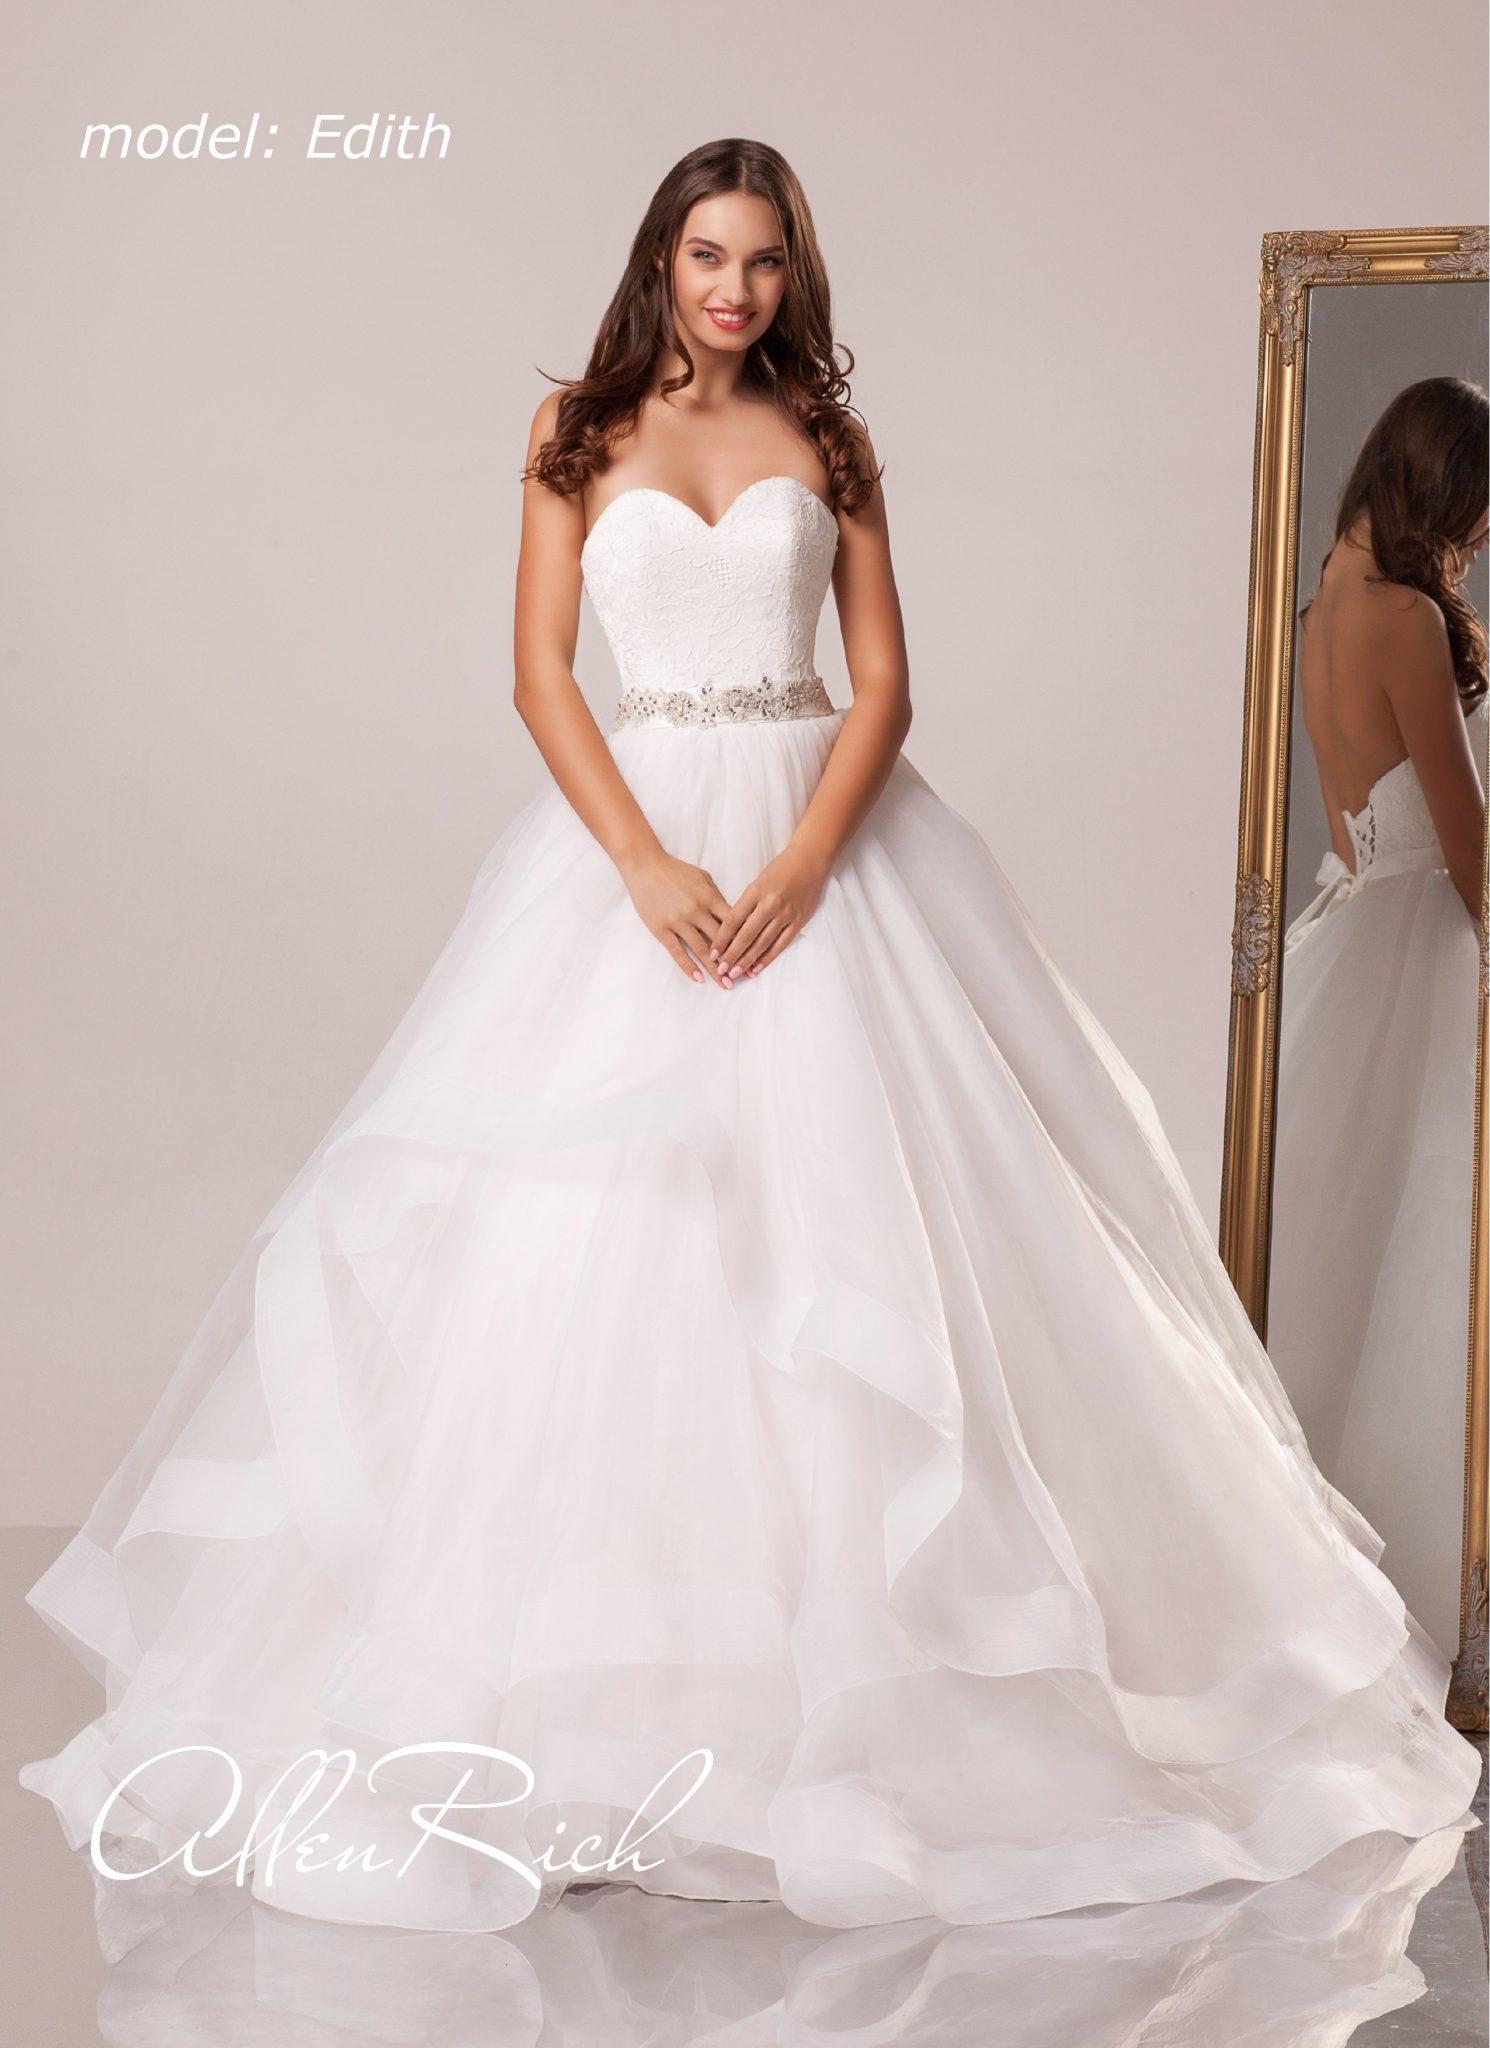 Свадебное платье Allen Rich арт. Edith